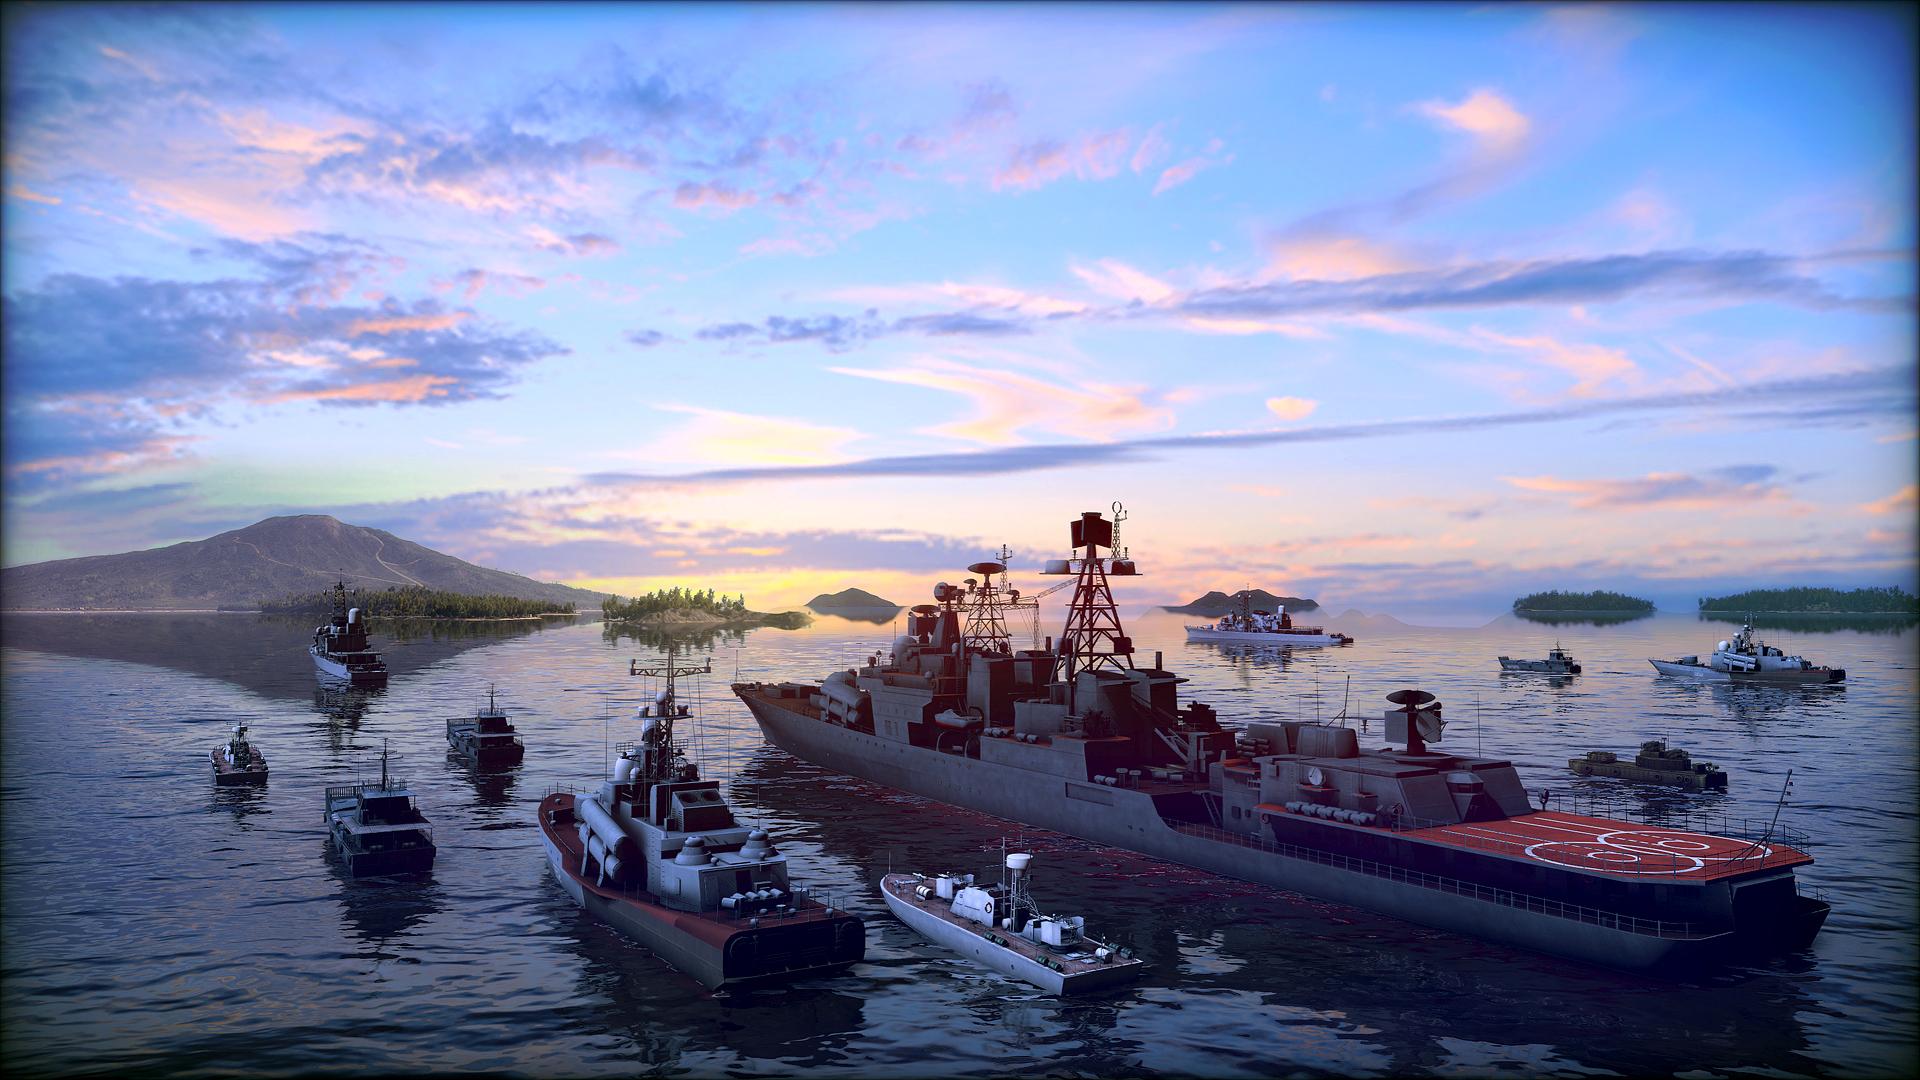 اکانت اریجینال بازی Wargame: Red Dragon   با ایمیل اکانت